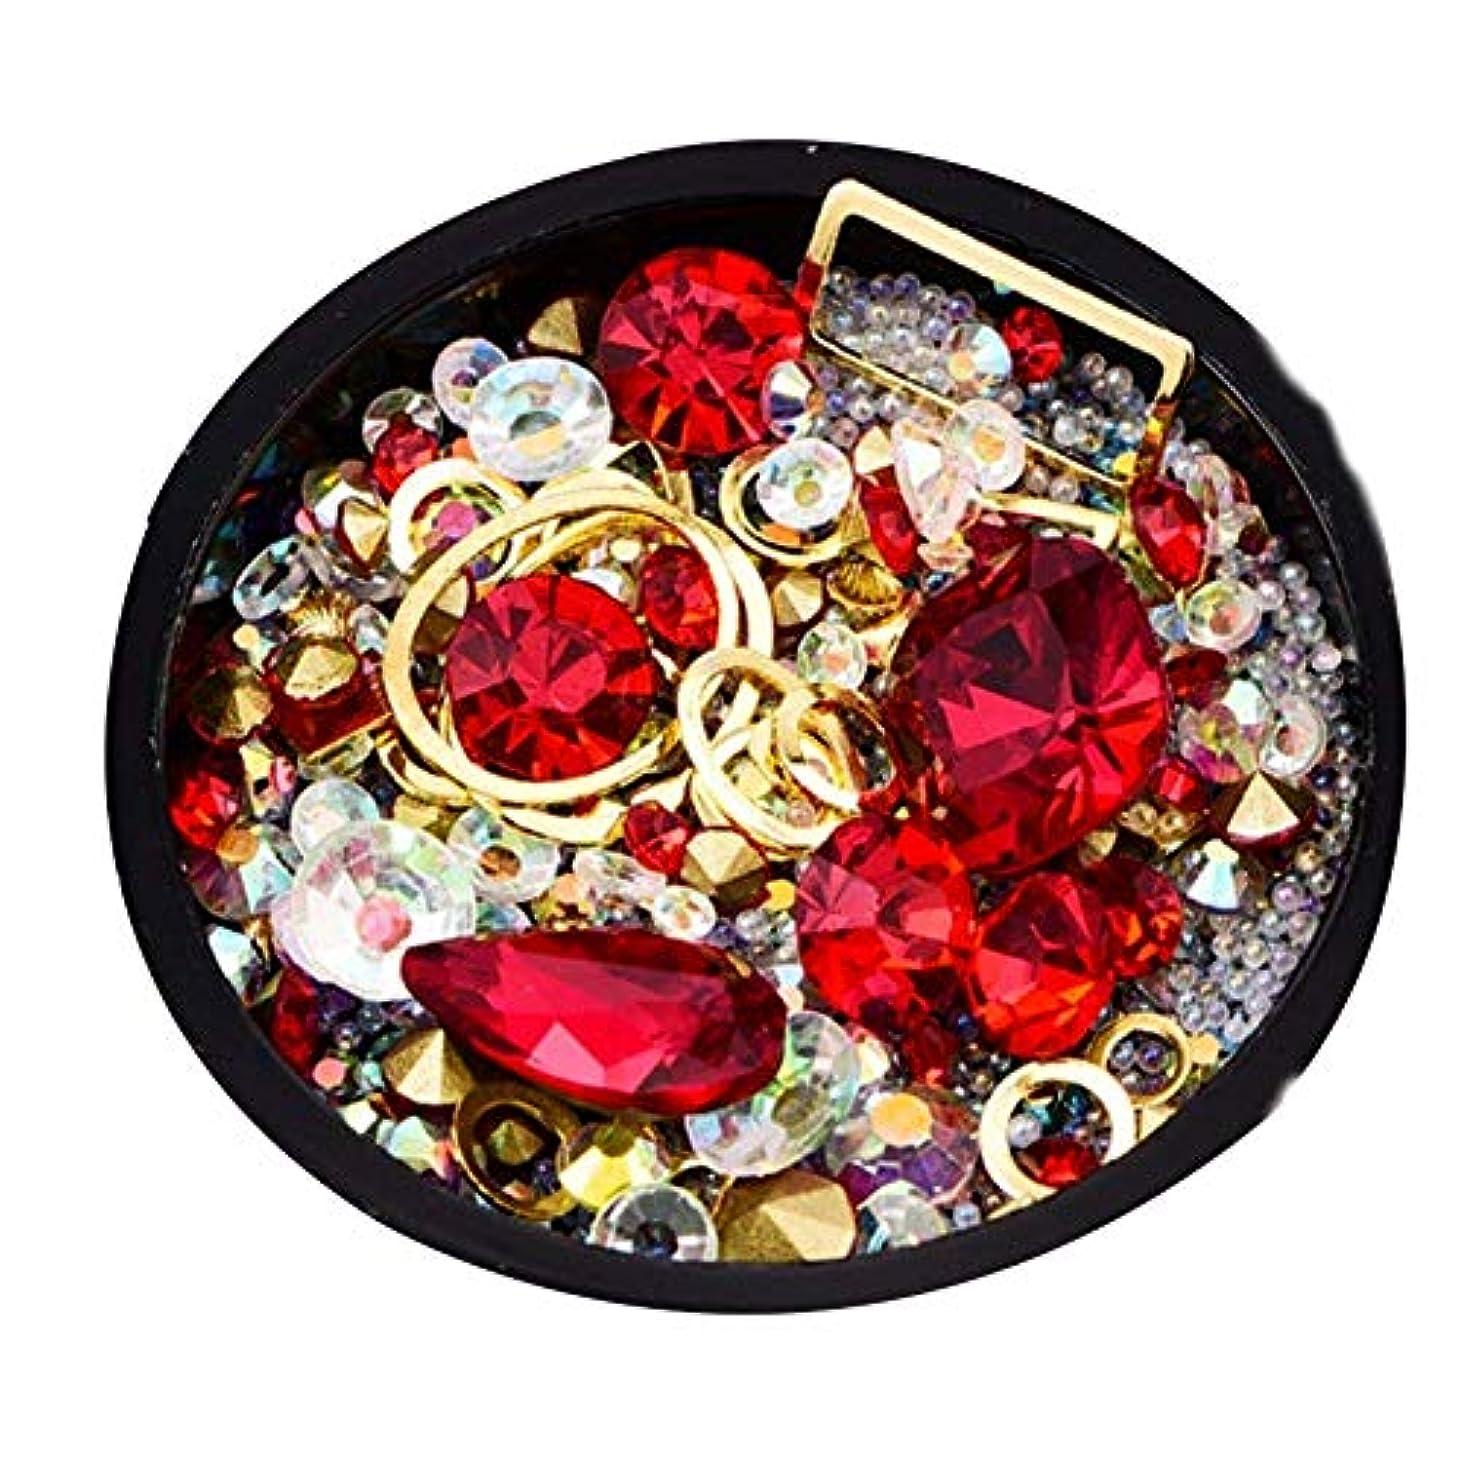 スケッチ読み書きのできない算術ネイル宝石ダイヤモンドネイルアートの装飾輝くクリスタルビーズネイルネイルジュエリーの結晶宝石ダイヤモンドの魅力ステッカー(赤)